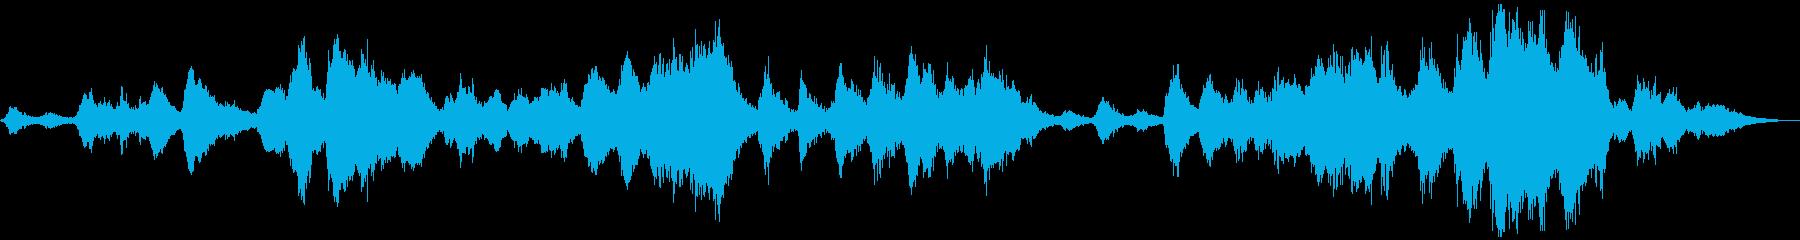 落ち着いた魅惑のヒーリング・シンセBGMの再生済みの波形